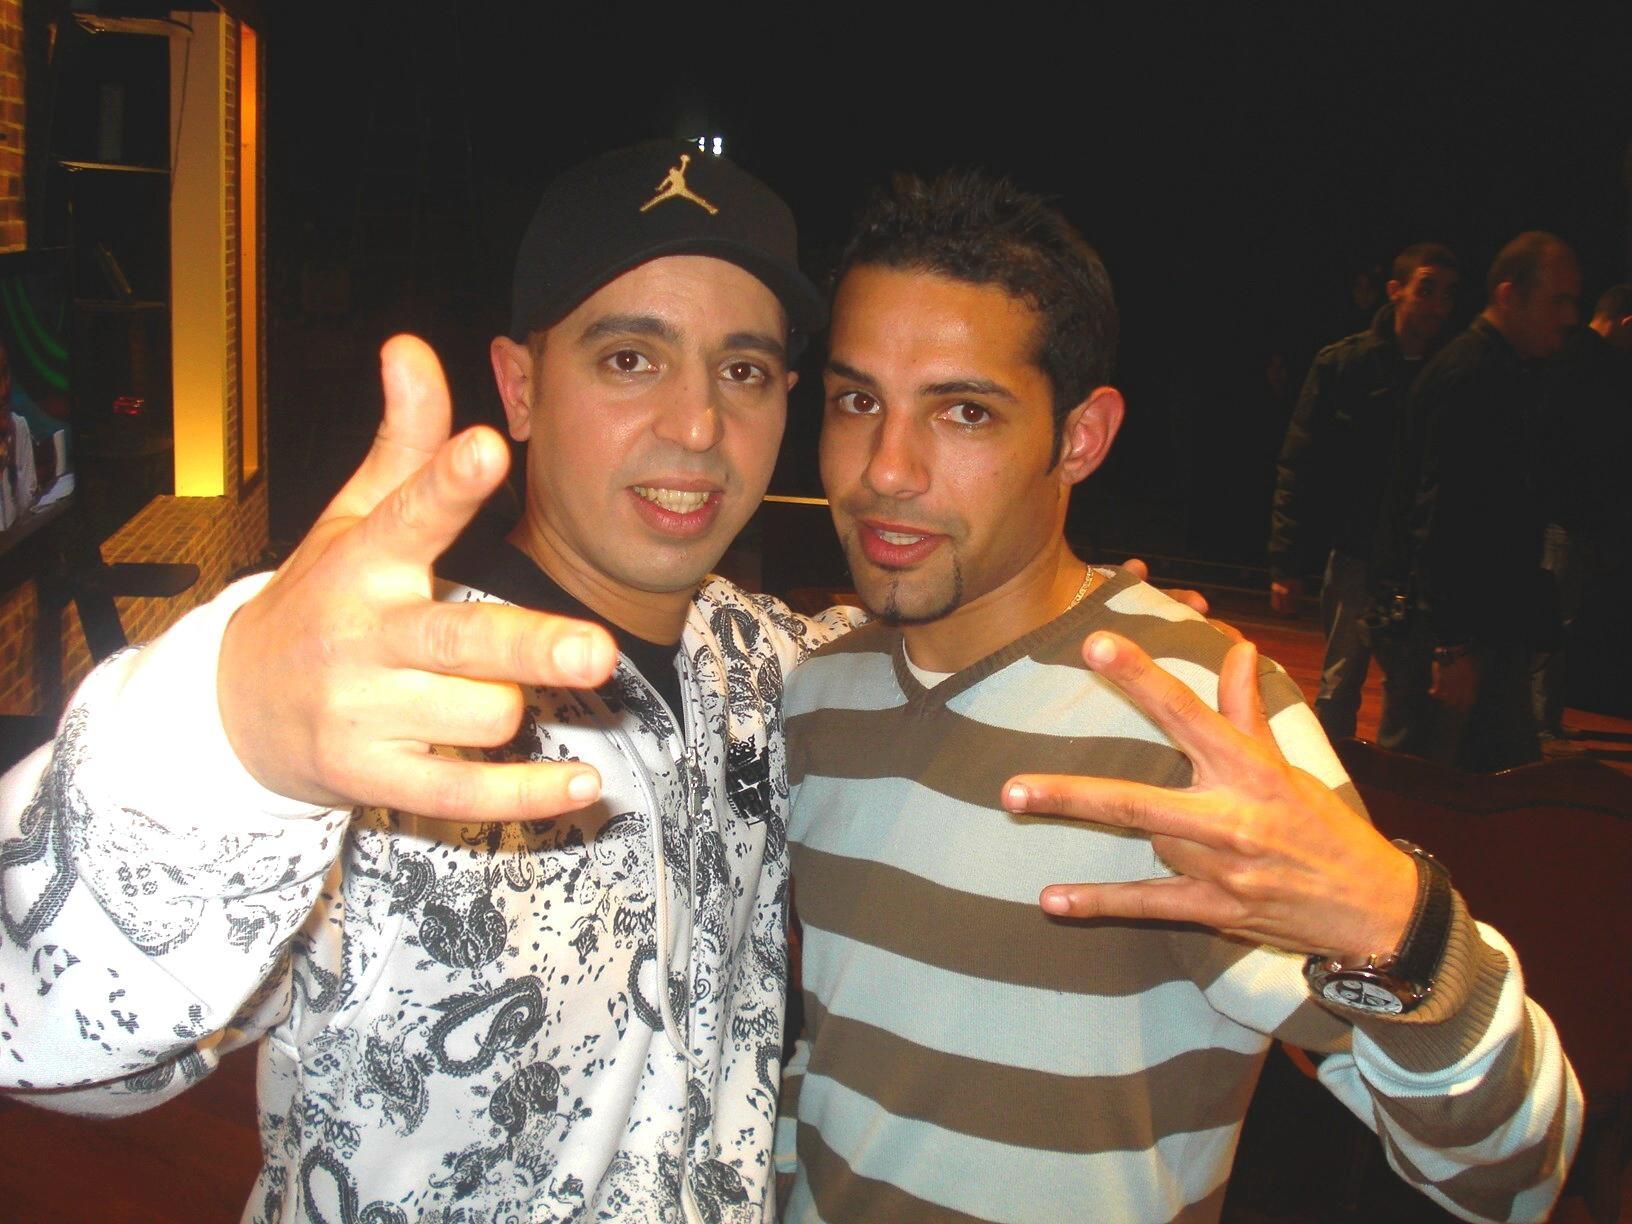 مغني راب جزائري يتعرض لمضيقات بسبب أغنية هاجم فيها رئيس الوزراء